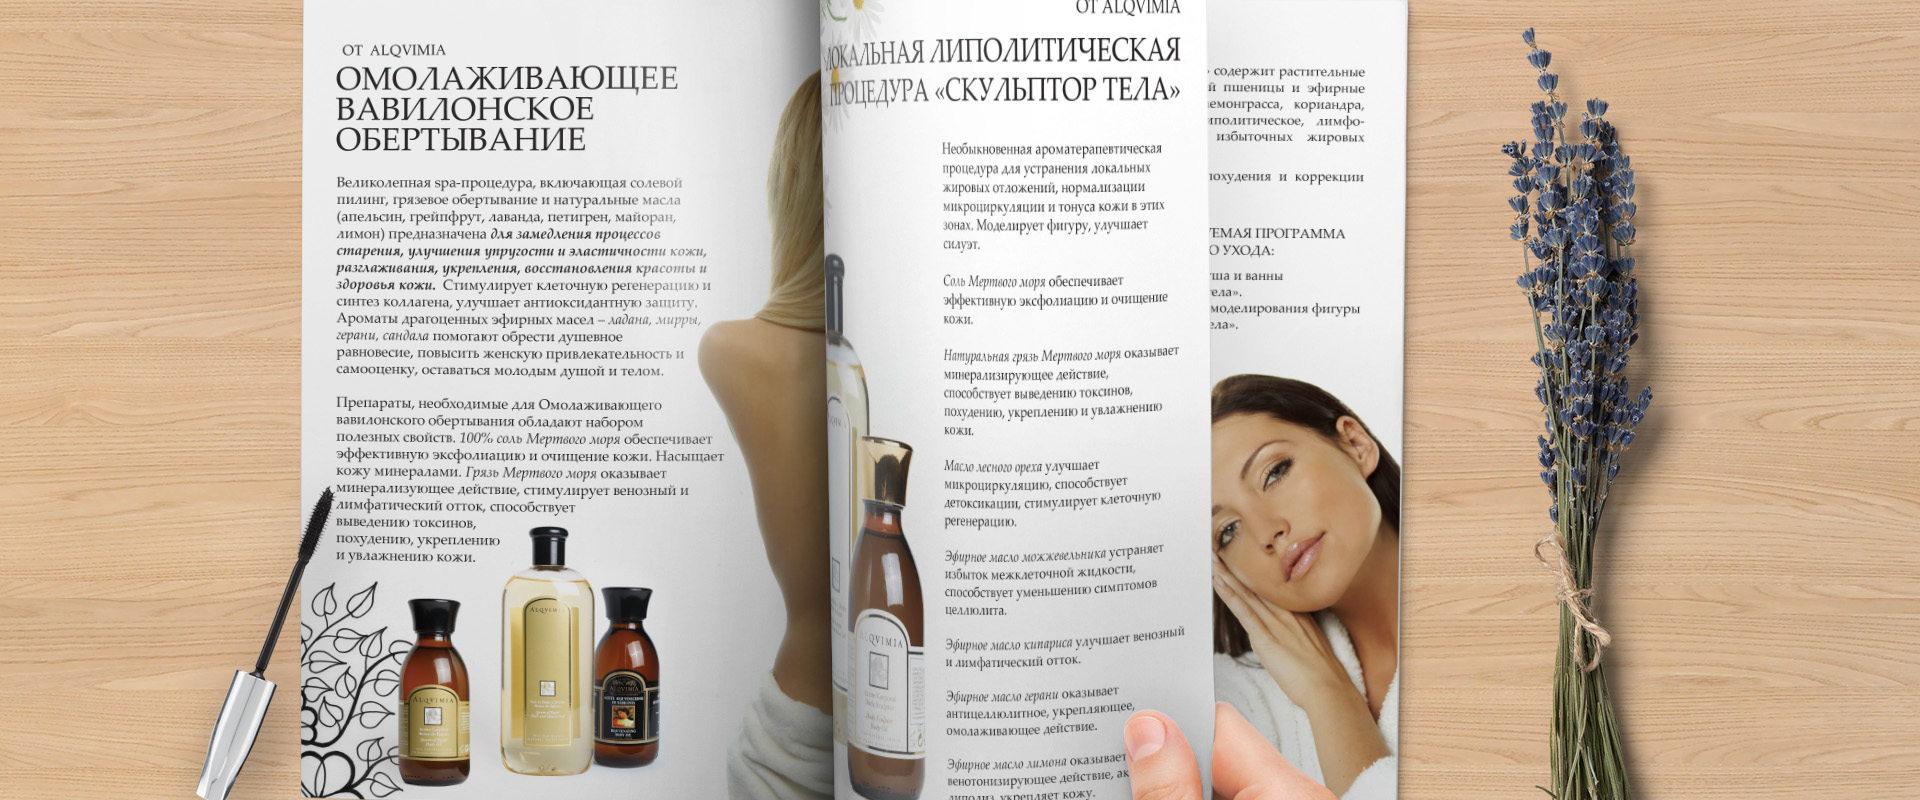 Дизайн каталога медицинской клиники